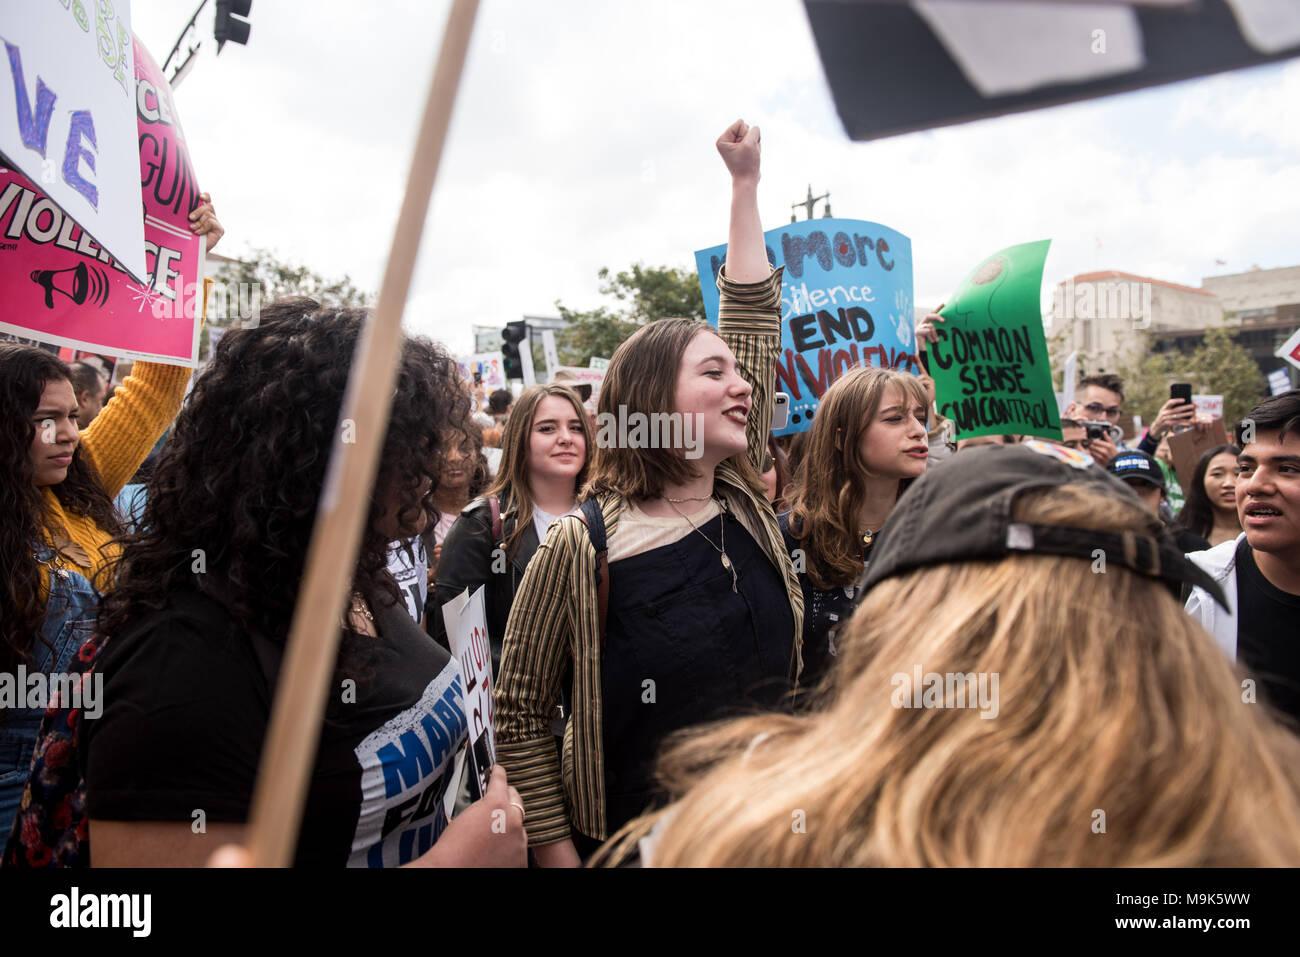 LOS ANGELES - MARZO 24, 2018: marzo per la nostra vita è un movimento dedicato a studenti-attivismo led intorno al fine della violenza pistola e la massa di tiri. Immagini Stock